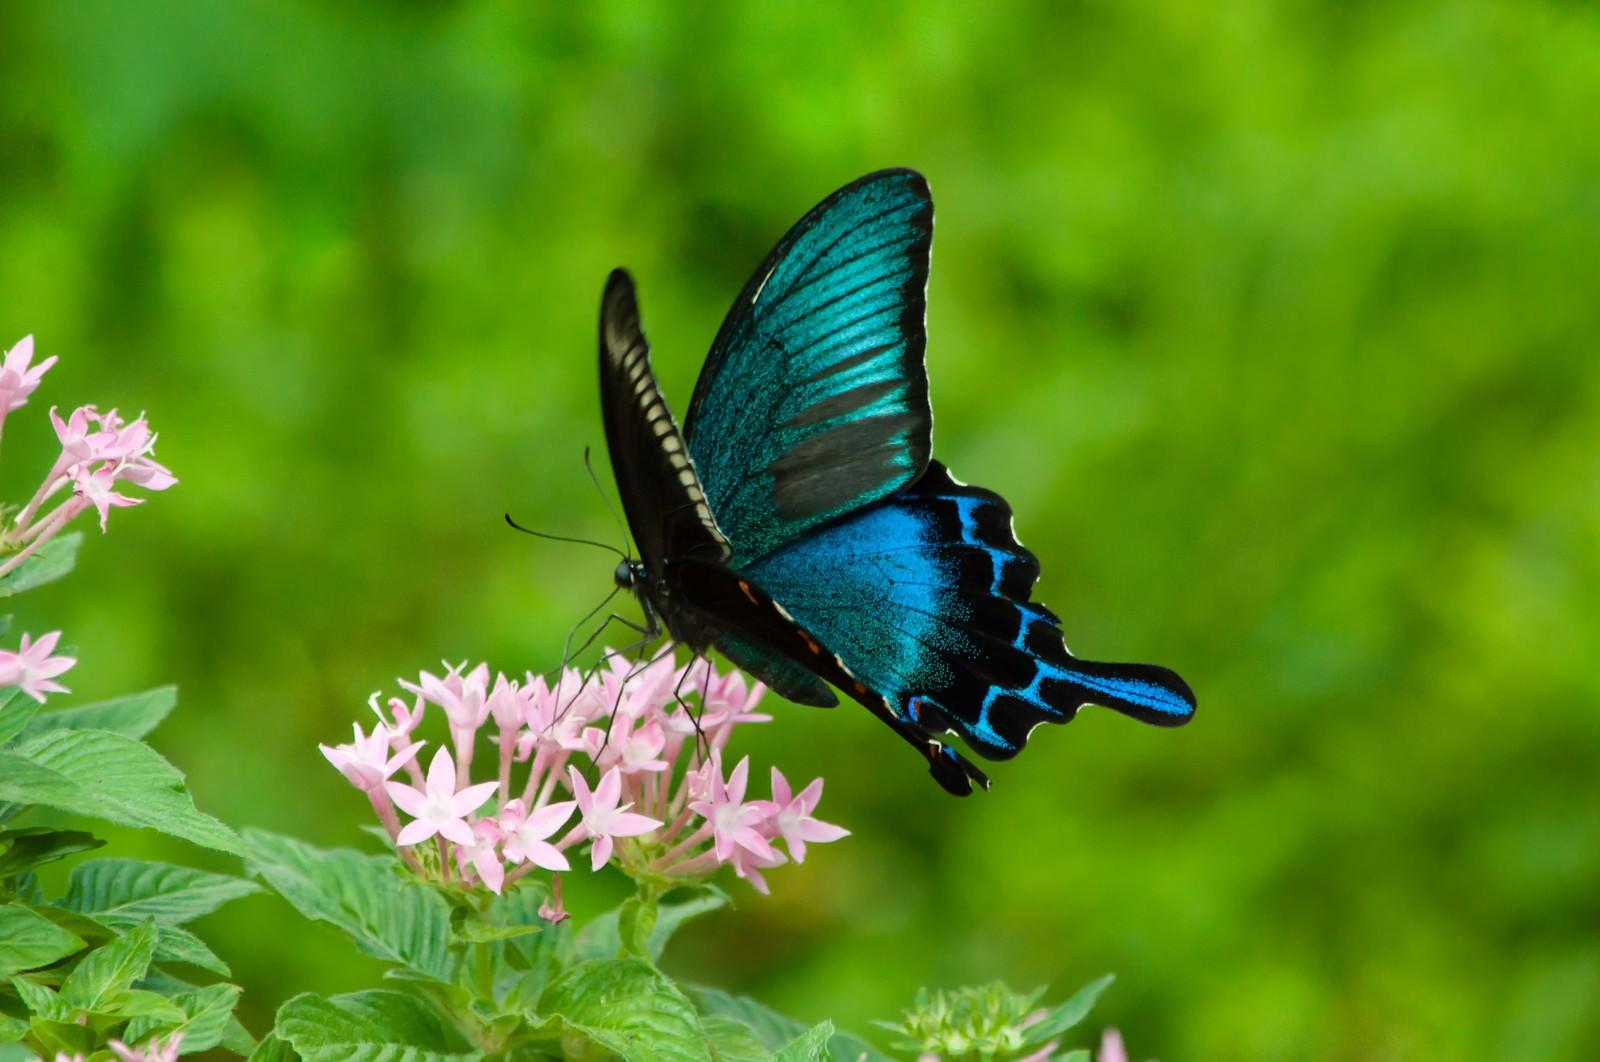 「無料 蝶」の画像検索結果